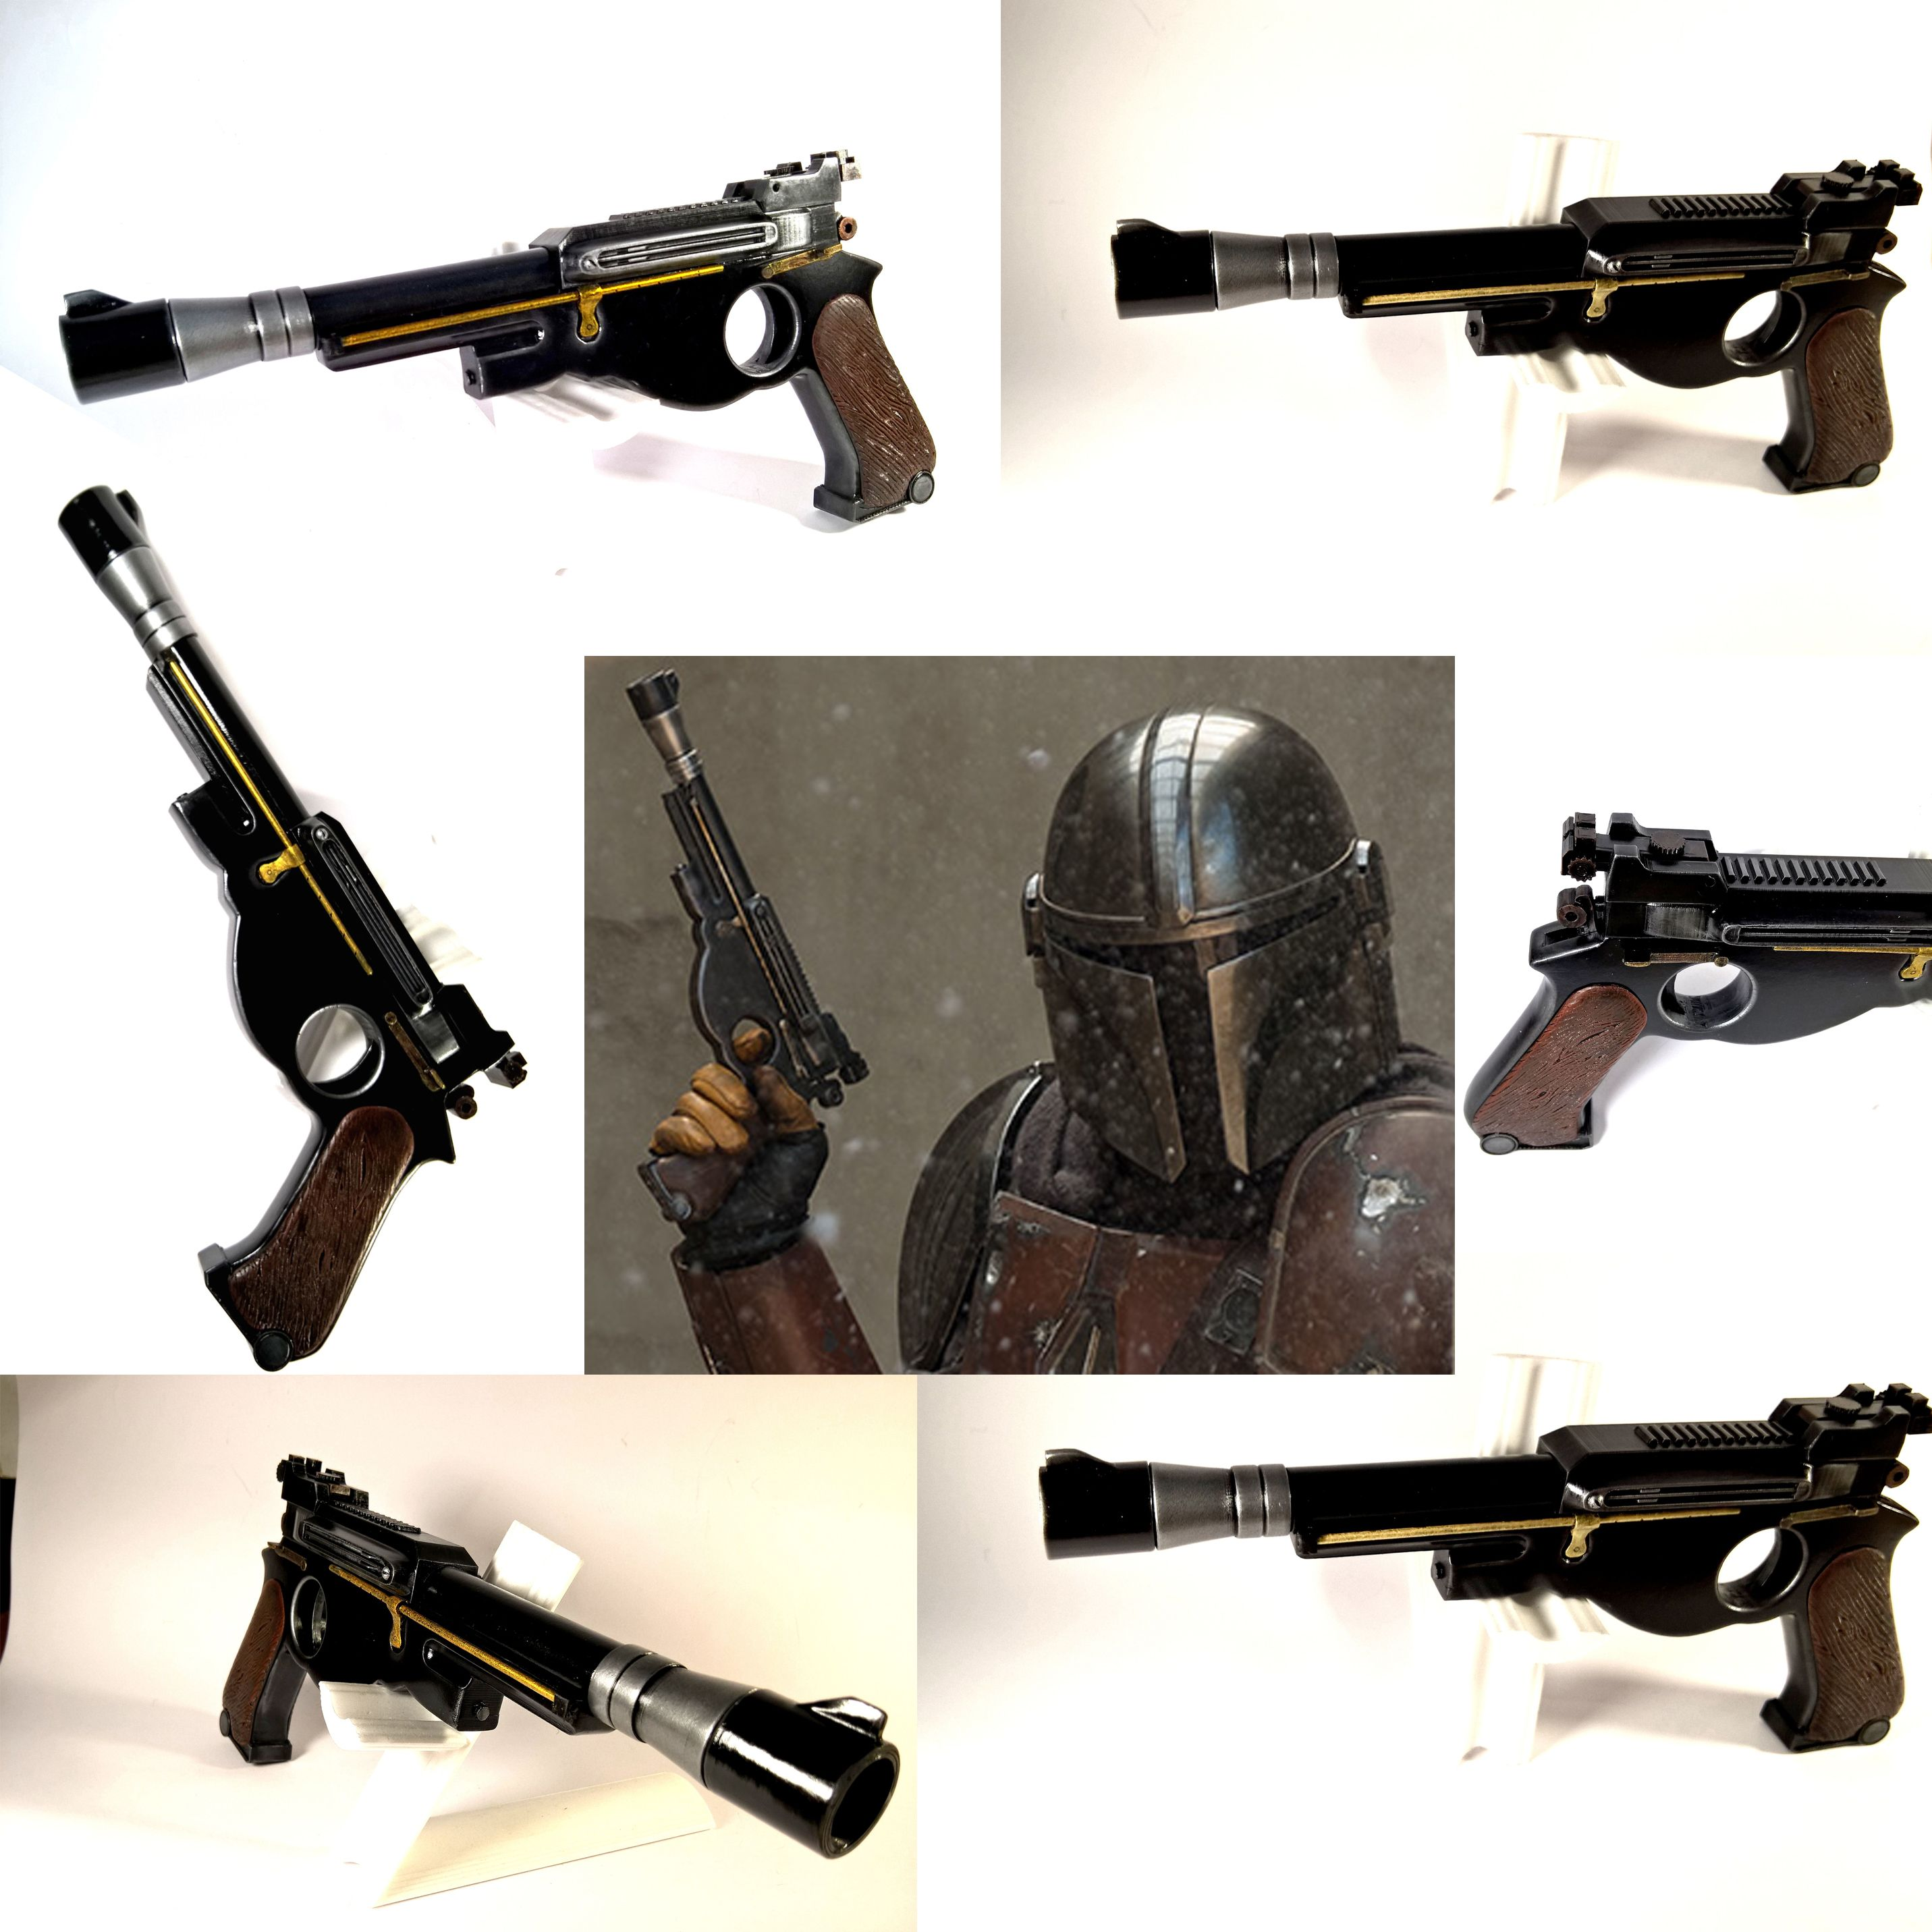 Star Wars Blaster Toy Laser Gun Pistol Halloween Costume Fancy Dress